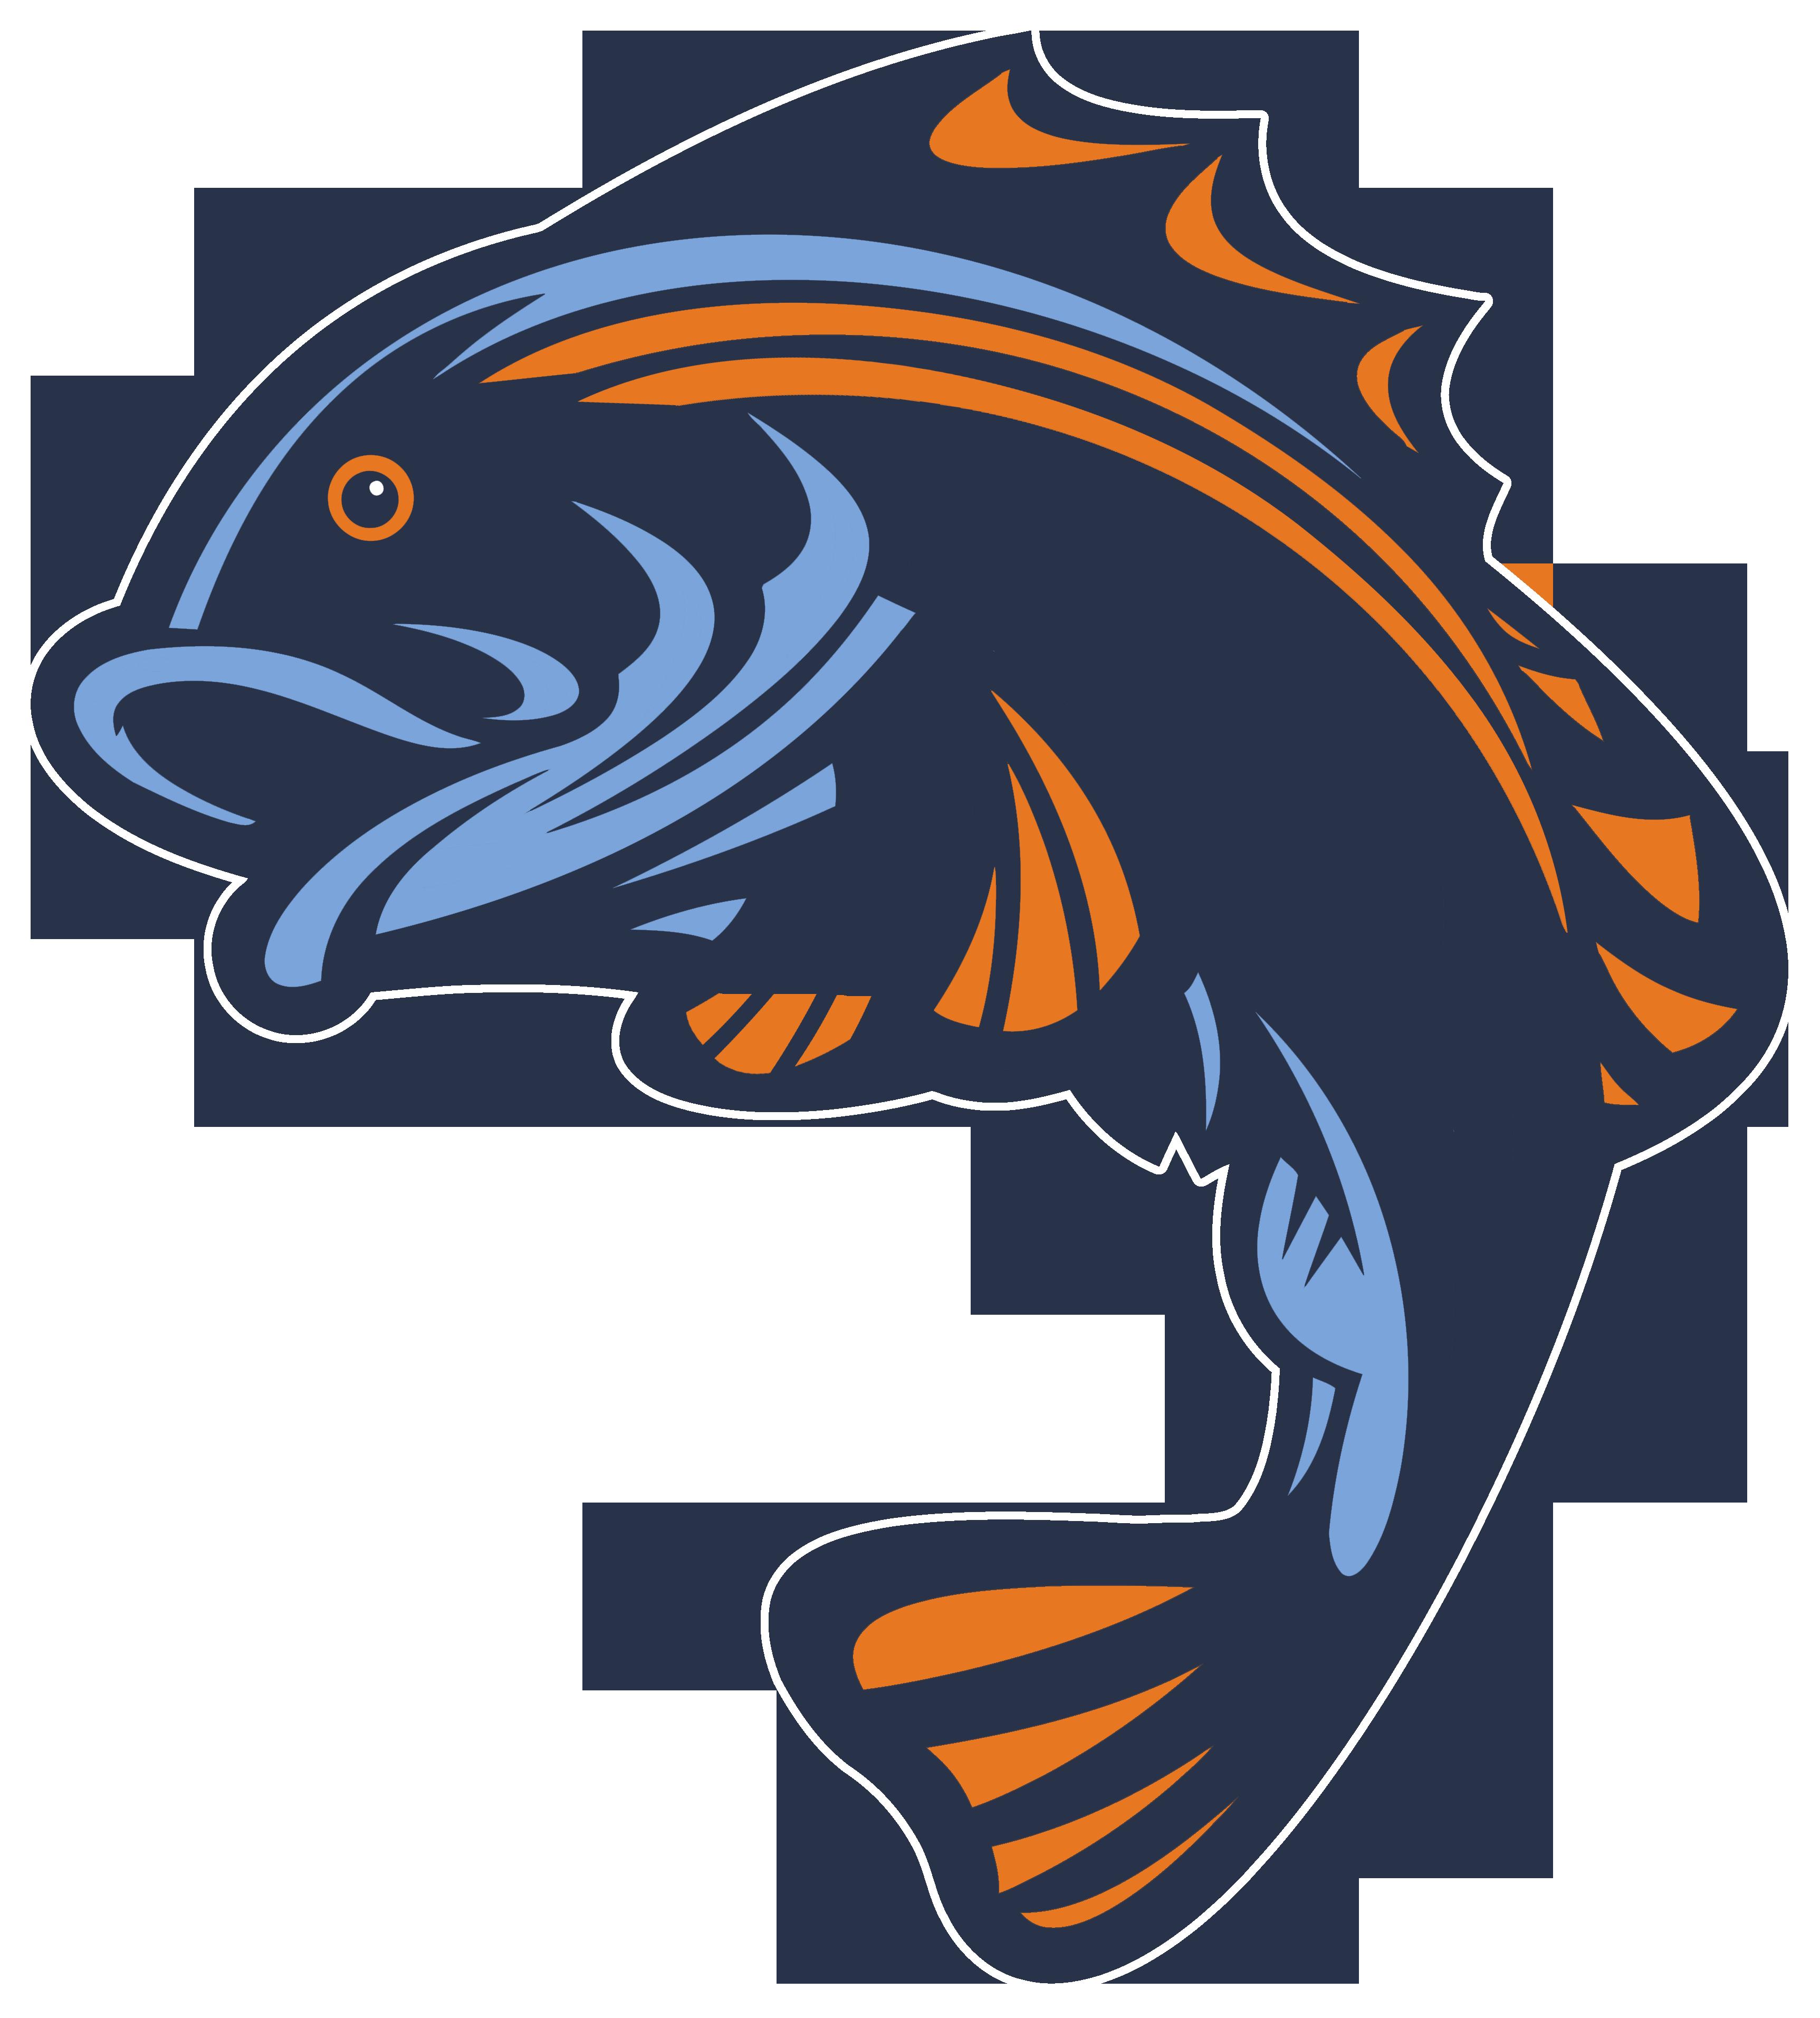 Lakers_Fish